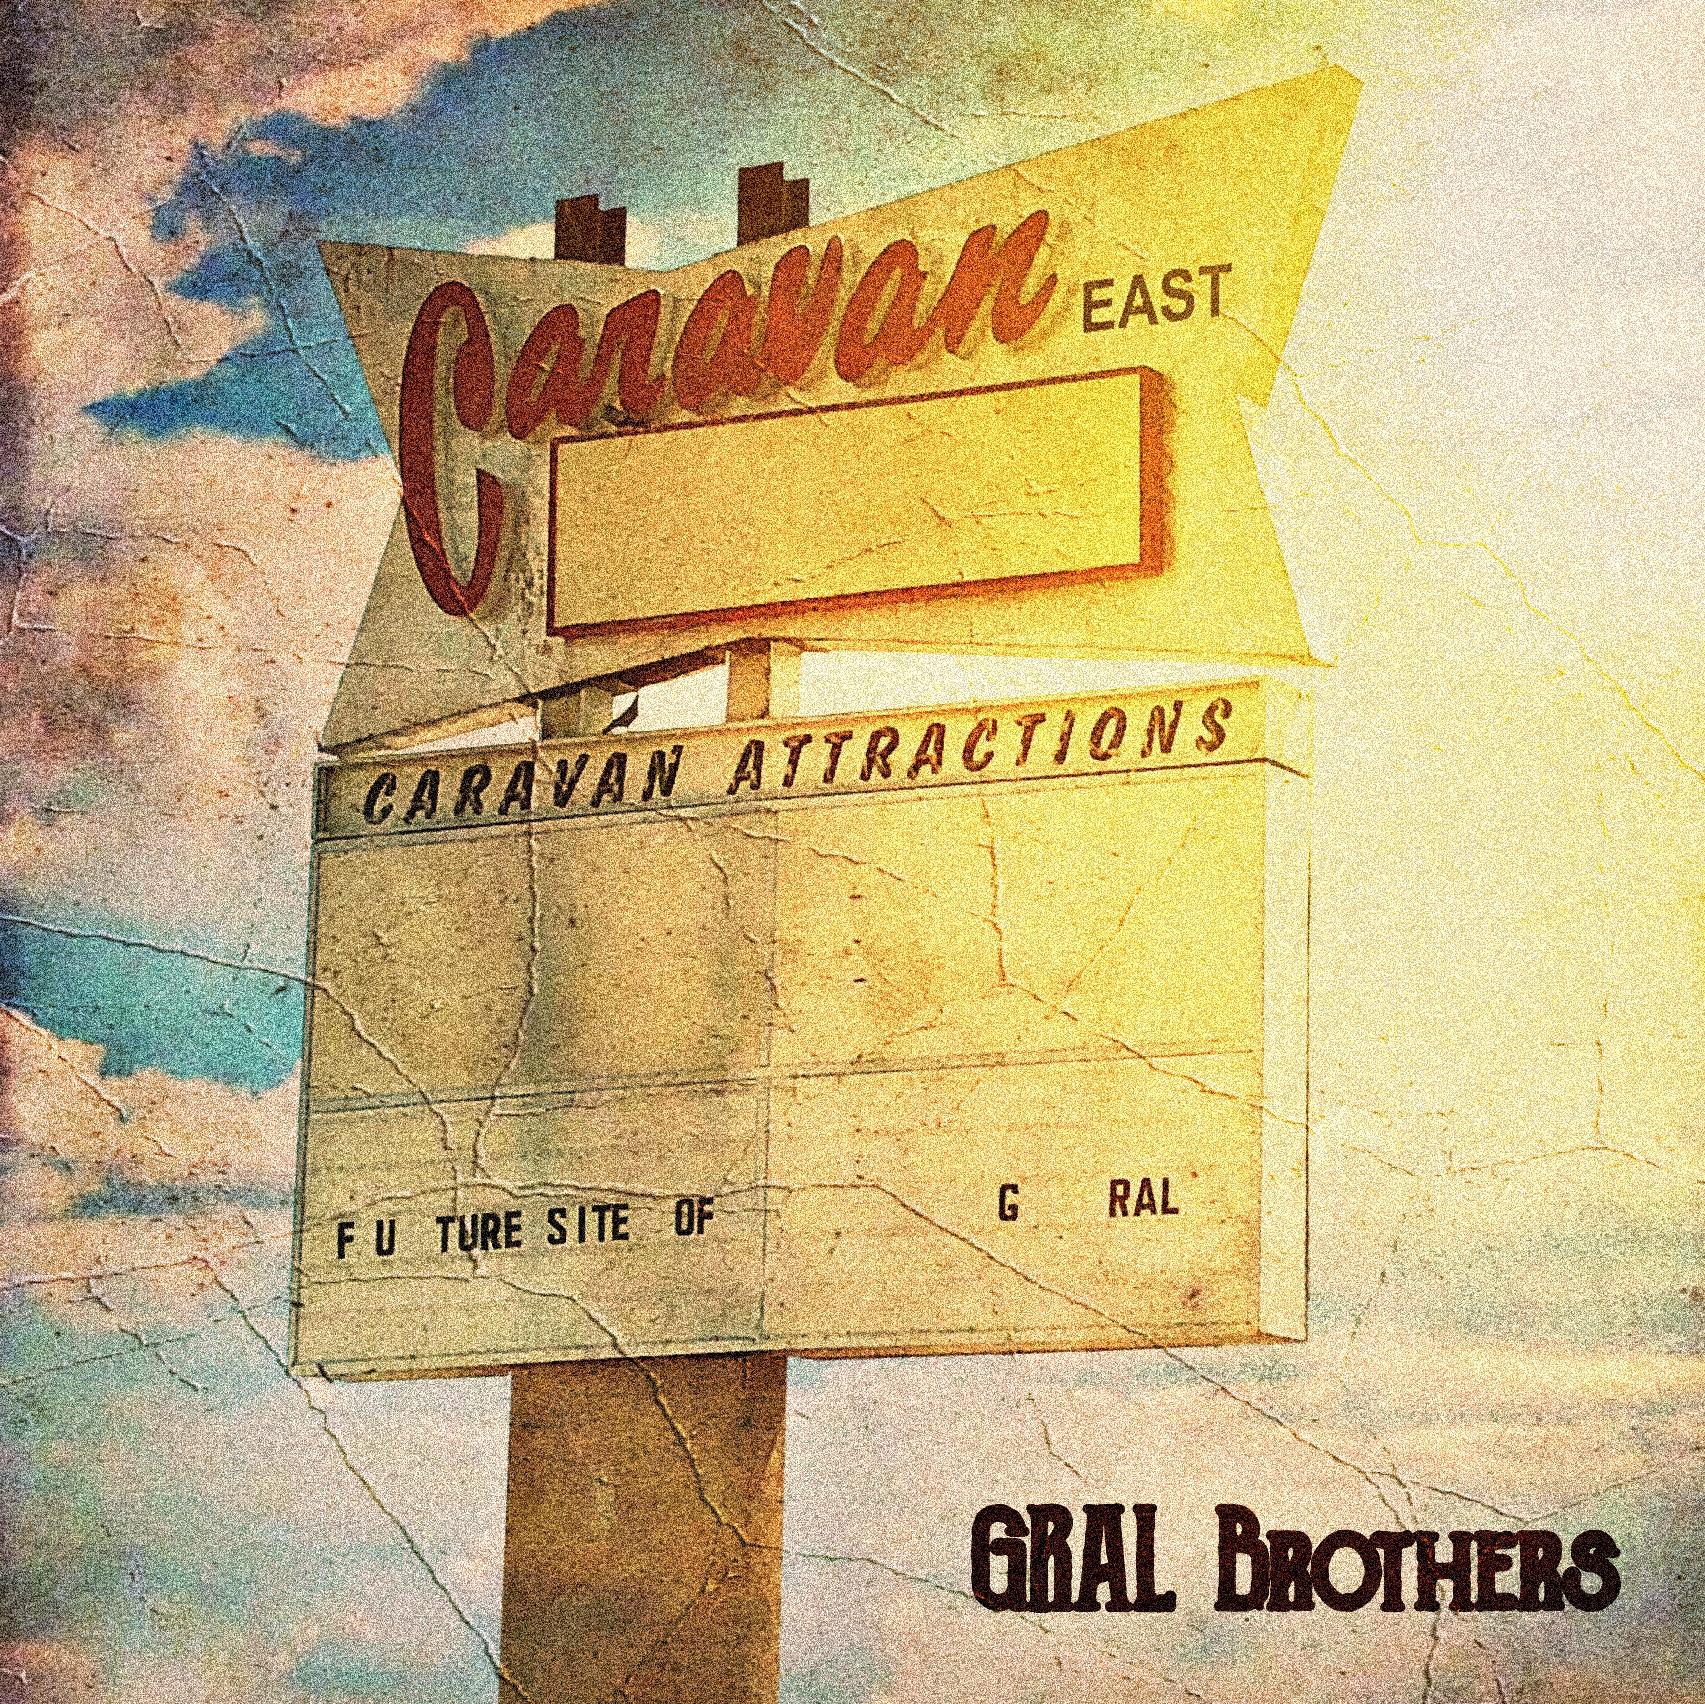 gral brothers caravan east